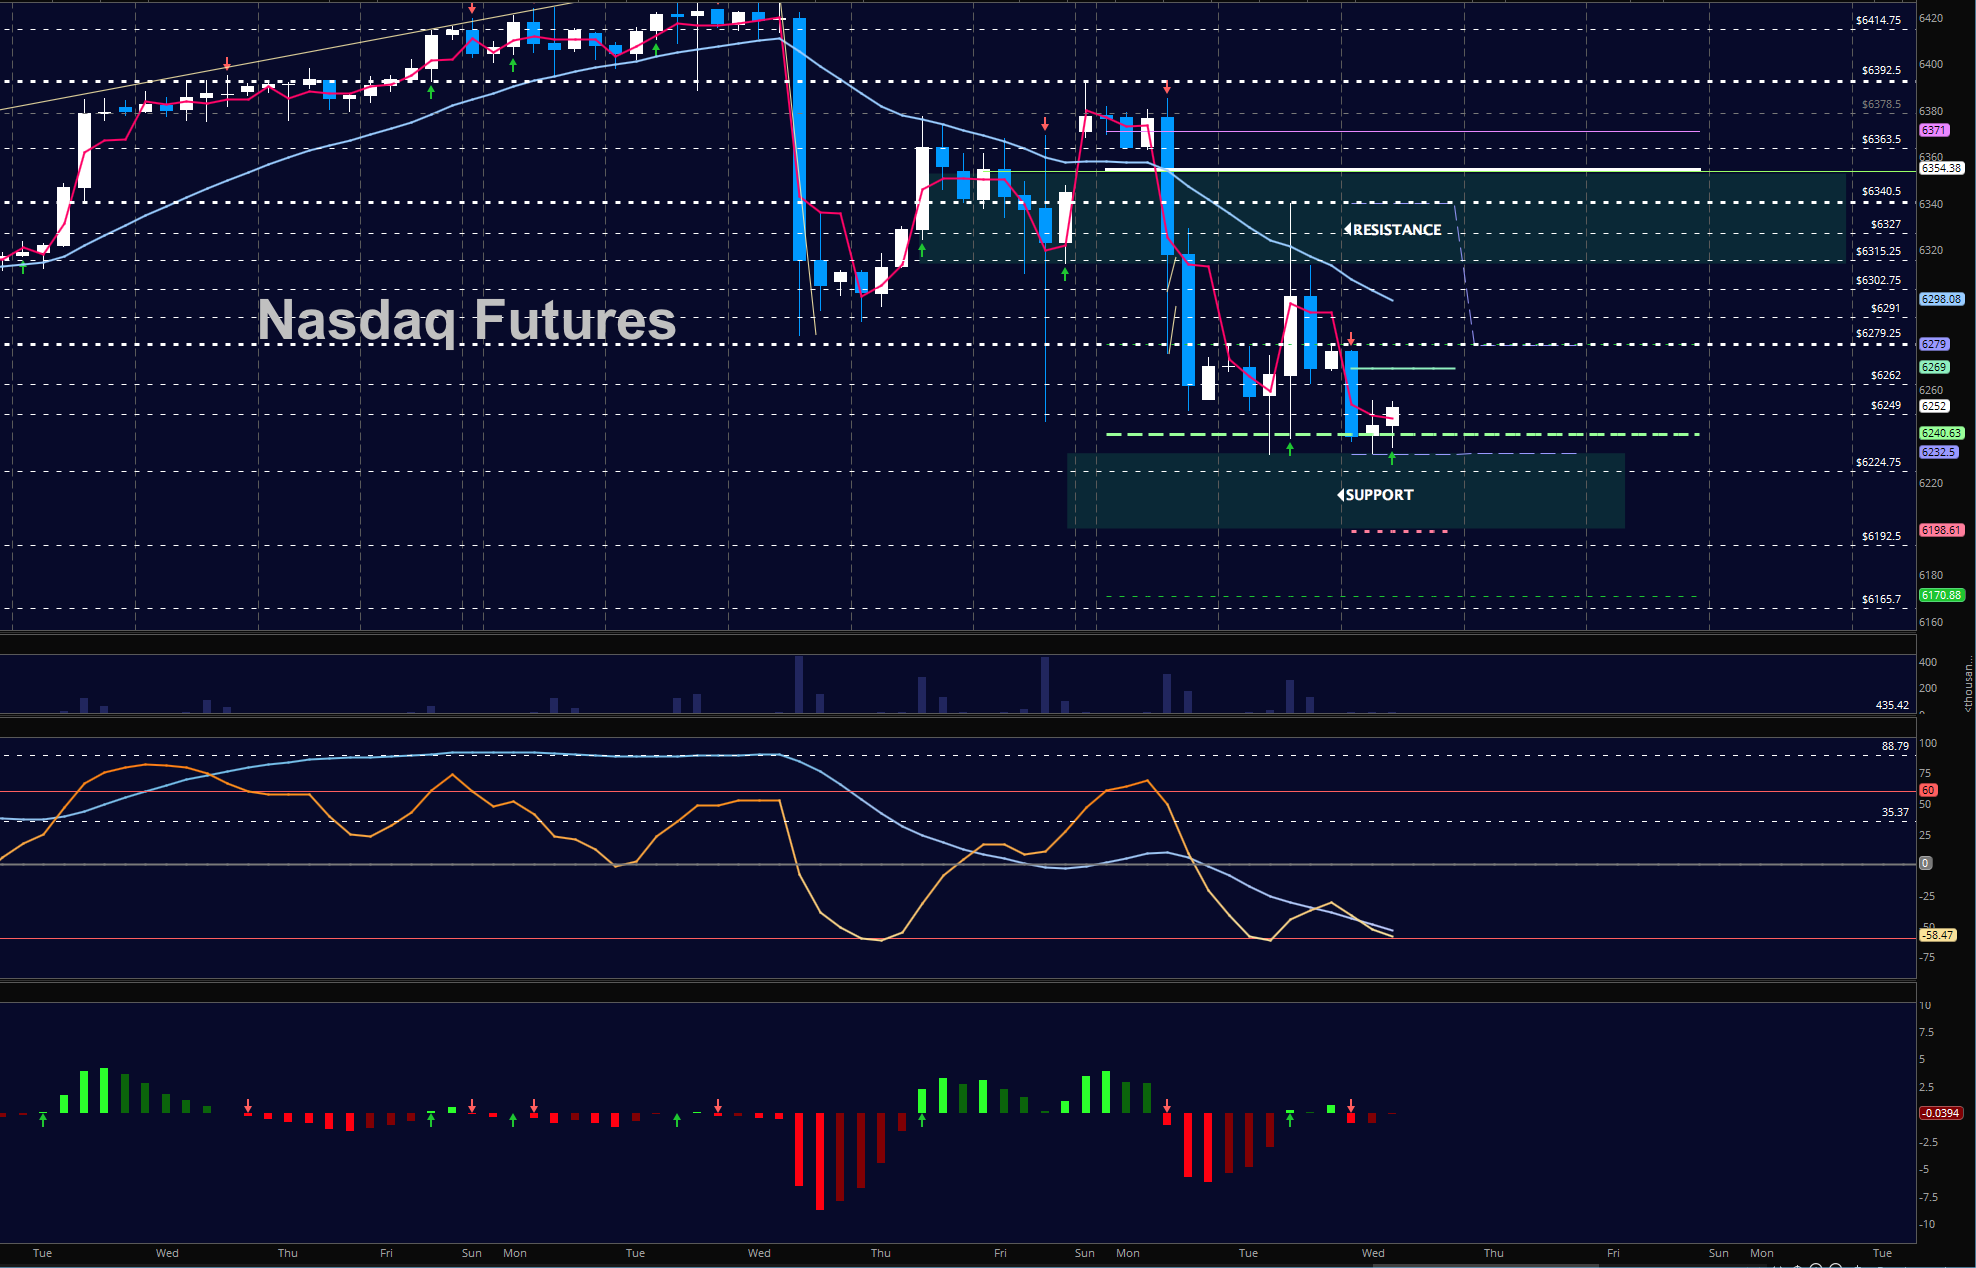 nasdaq futures trading december 6 chart_news_update_markets